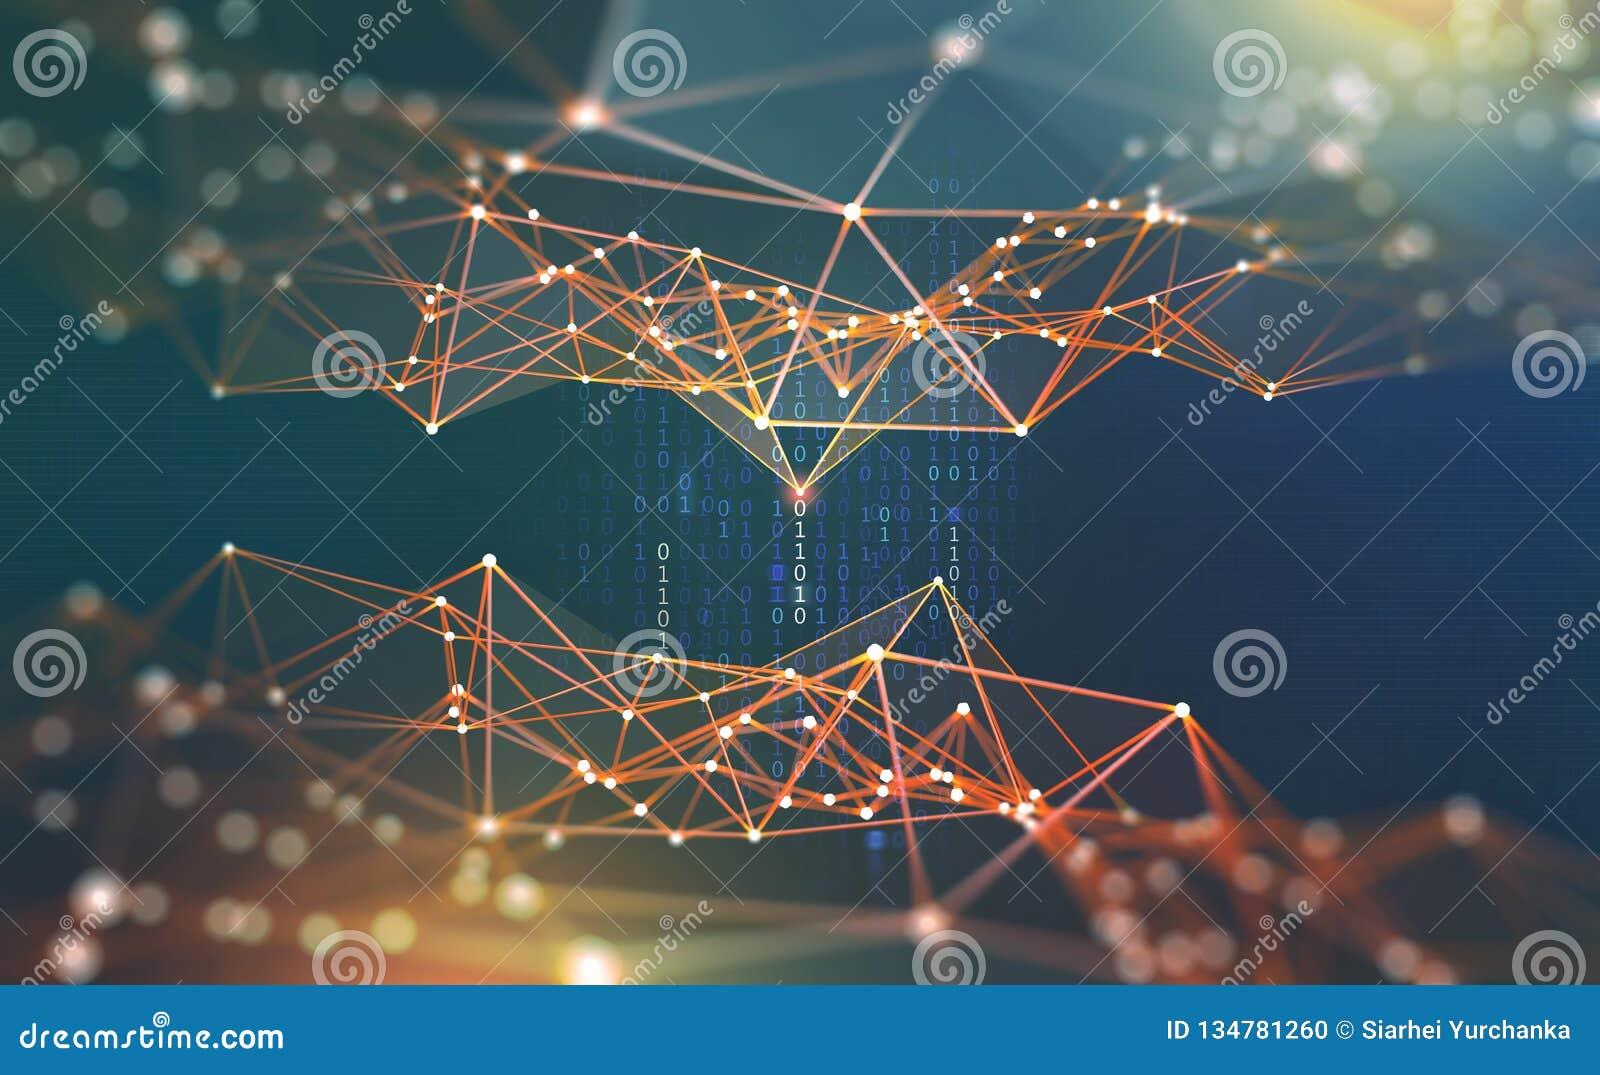 глобальная вычислительная сеть Иллюстрация Blockchain 3D Нервные системы и искусственный интеллект Концепция виртуального простра